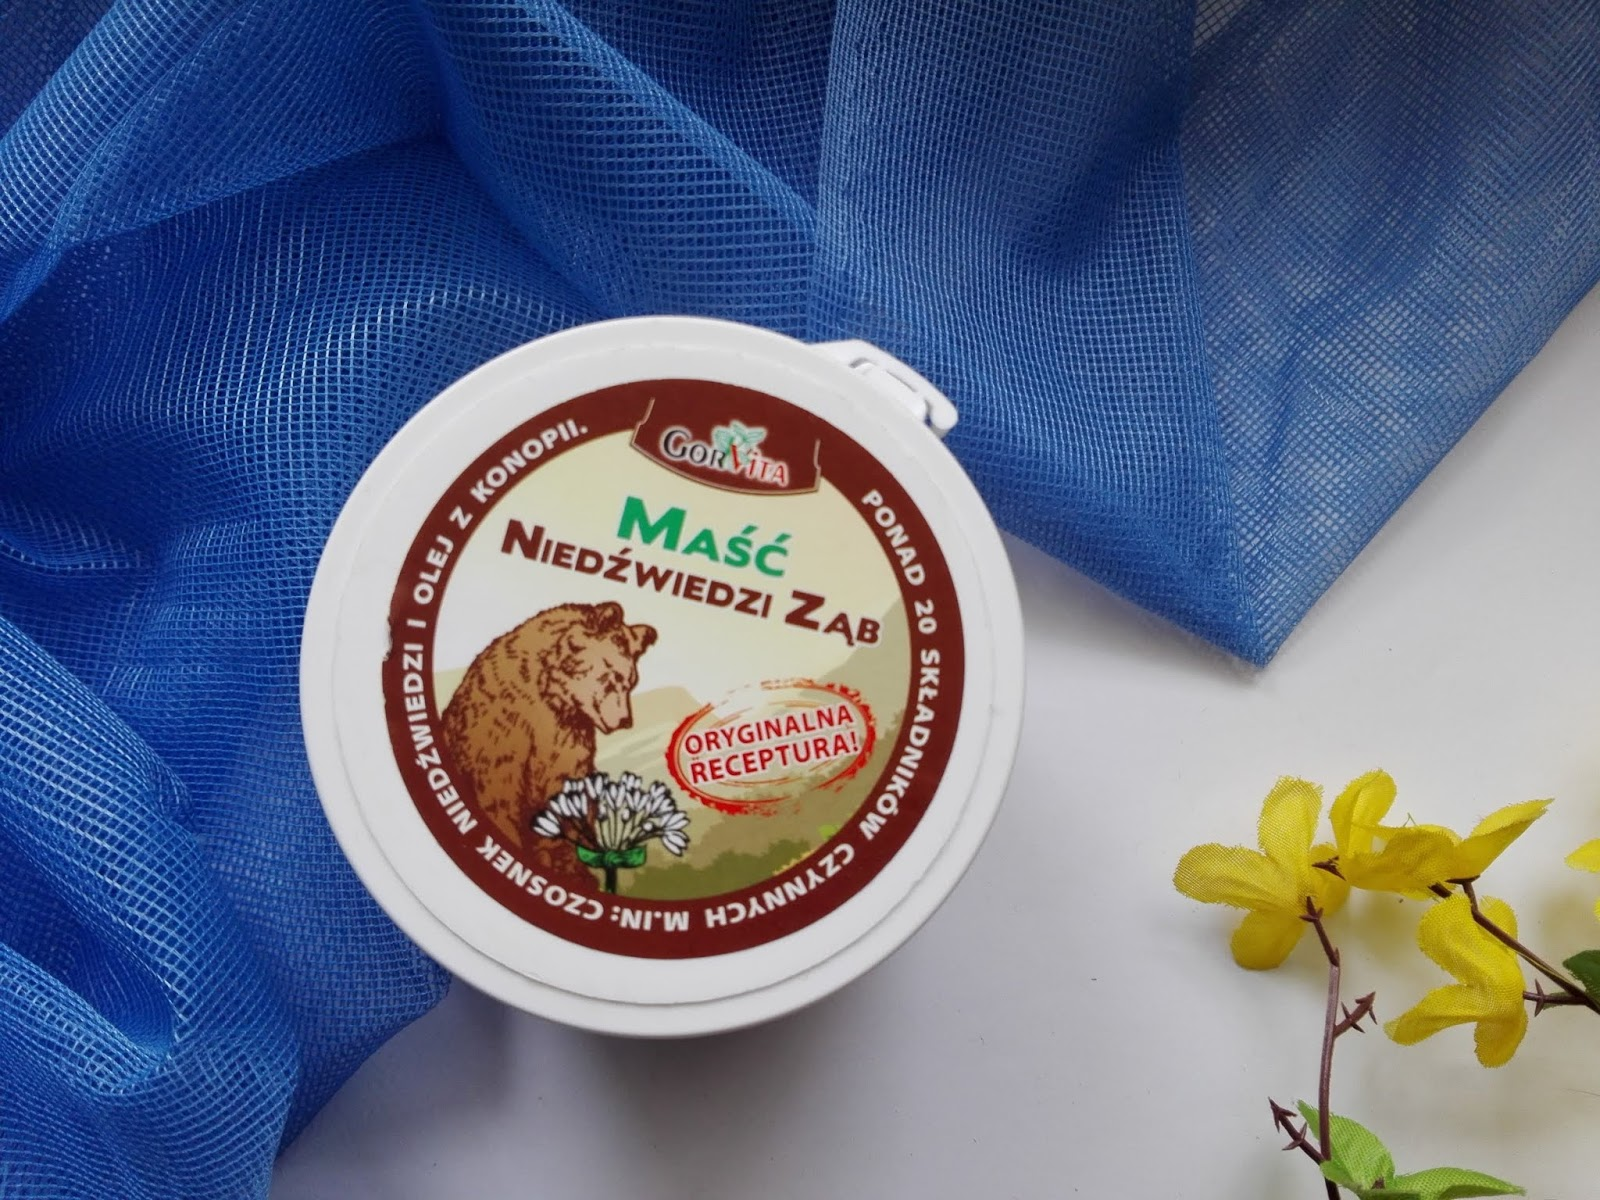 Maść Niedźwiedzi Ząb / Gorvita - ulga dla bolących mięśni